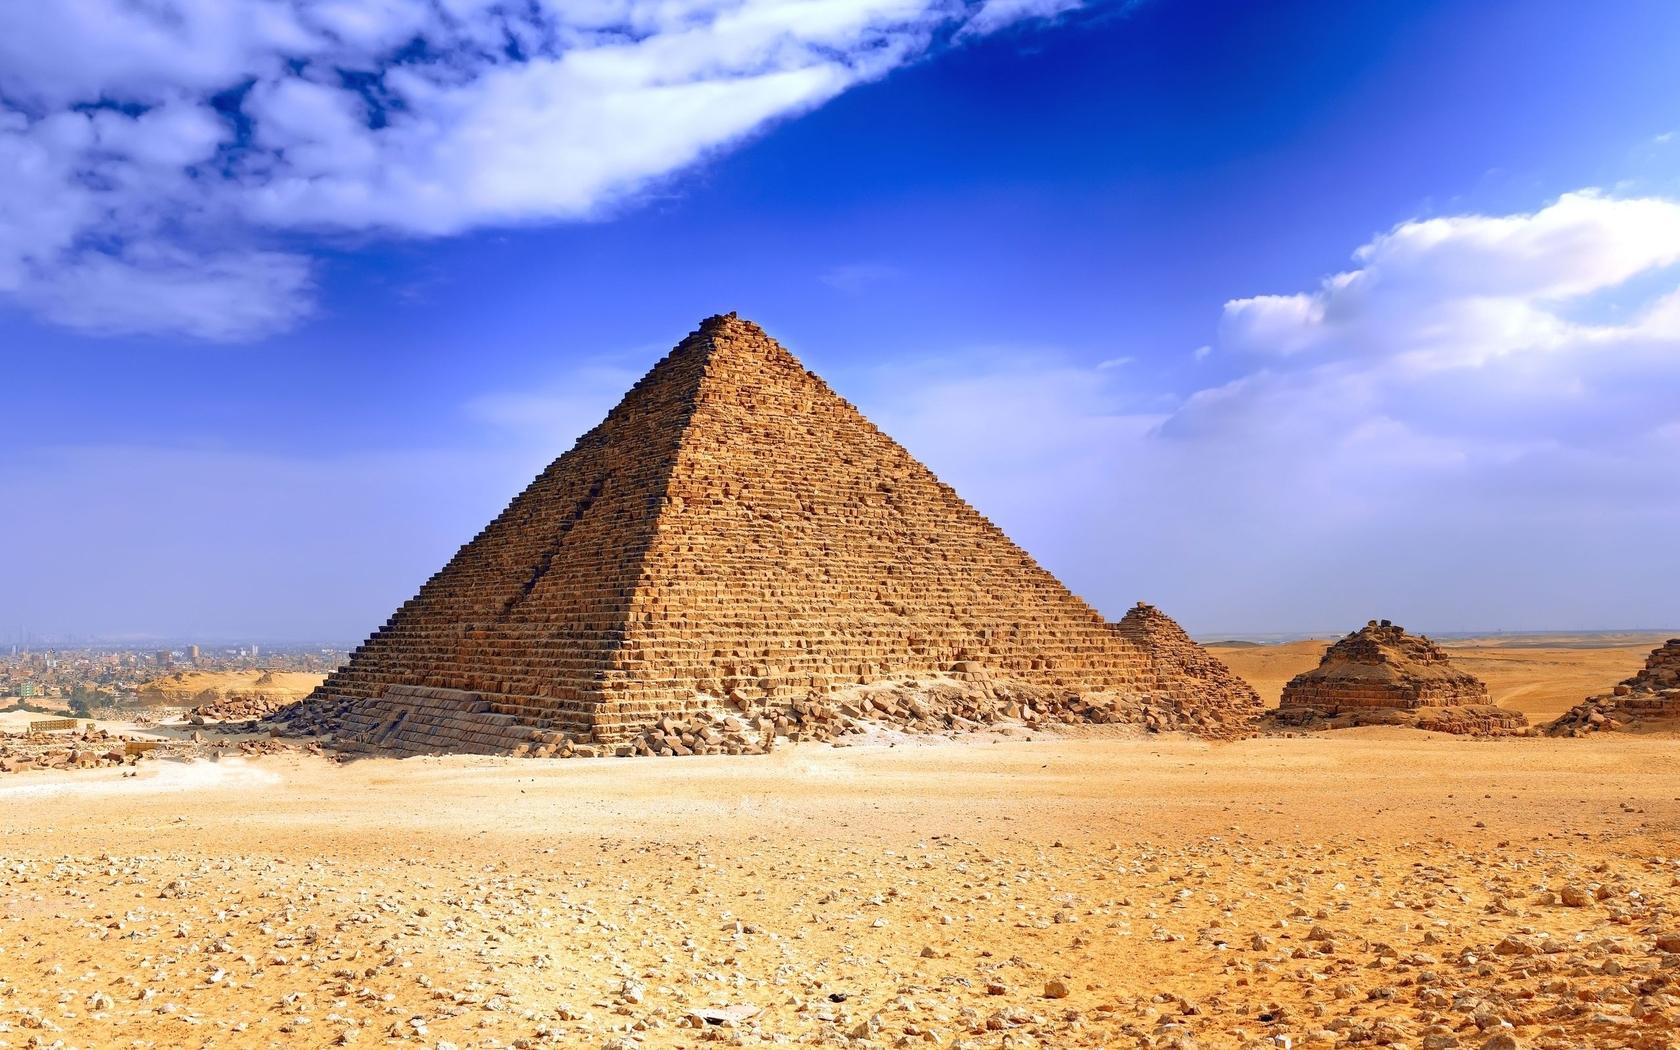 埃及法老和金字塔壁纸图片